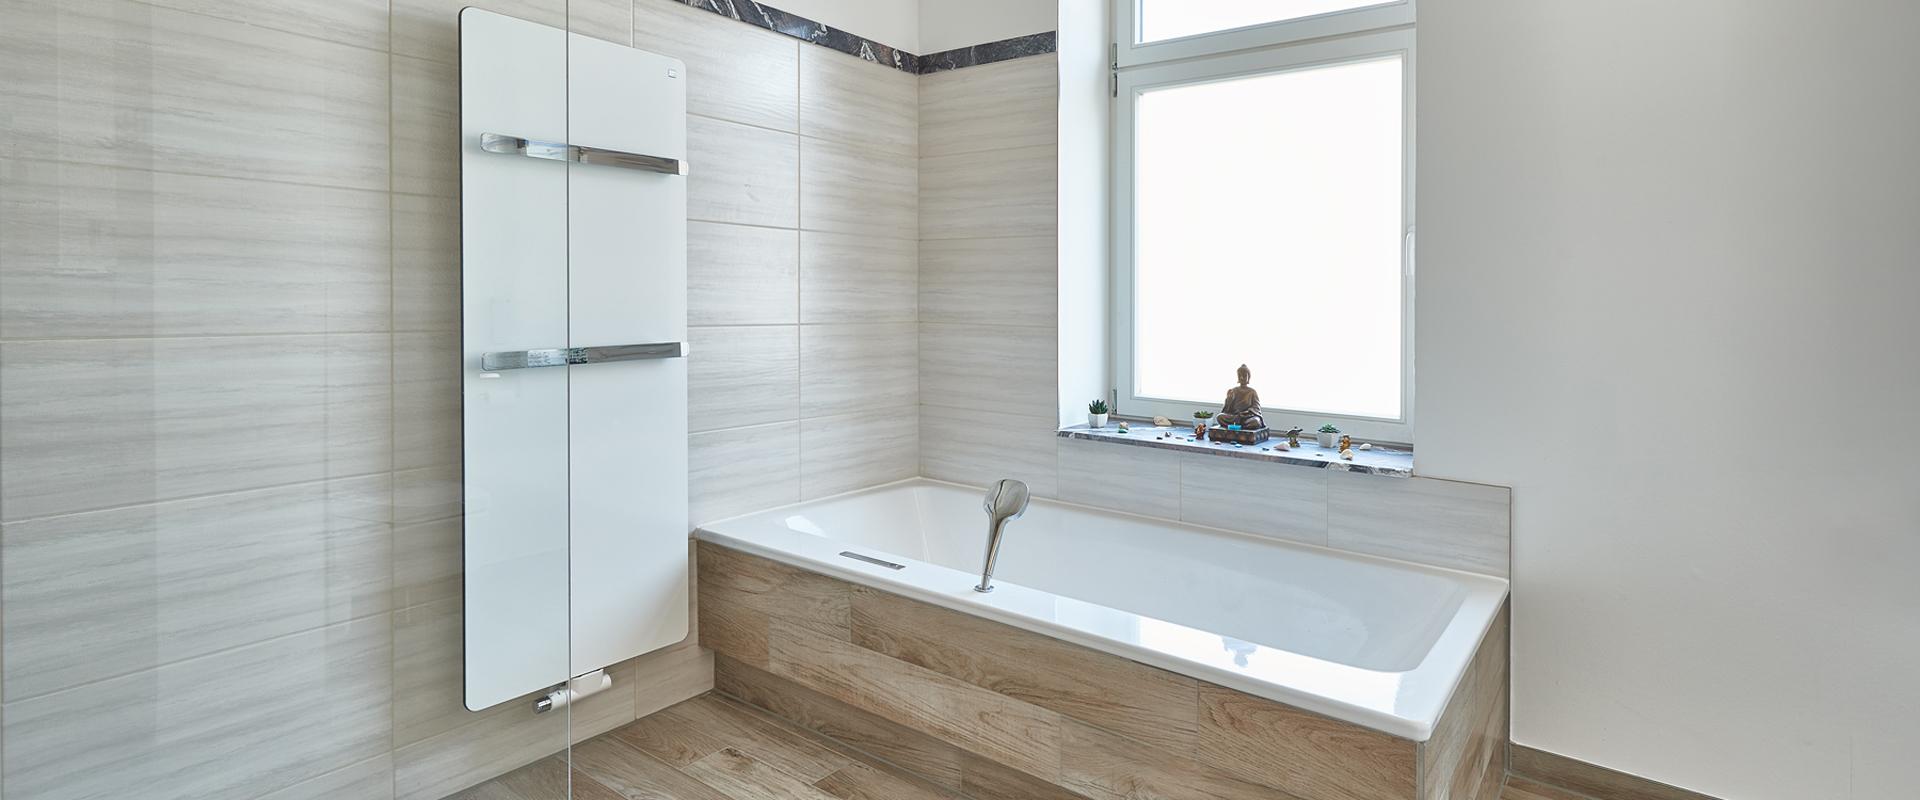 heizung sanit r fiedler gmbh einrichtung von. Black Bedroom Furniture Sets. Home Design Ideas